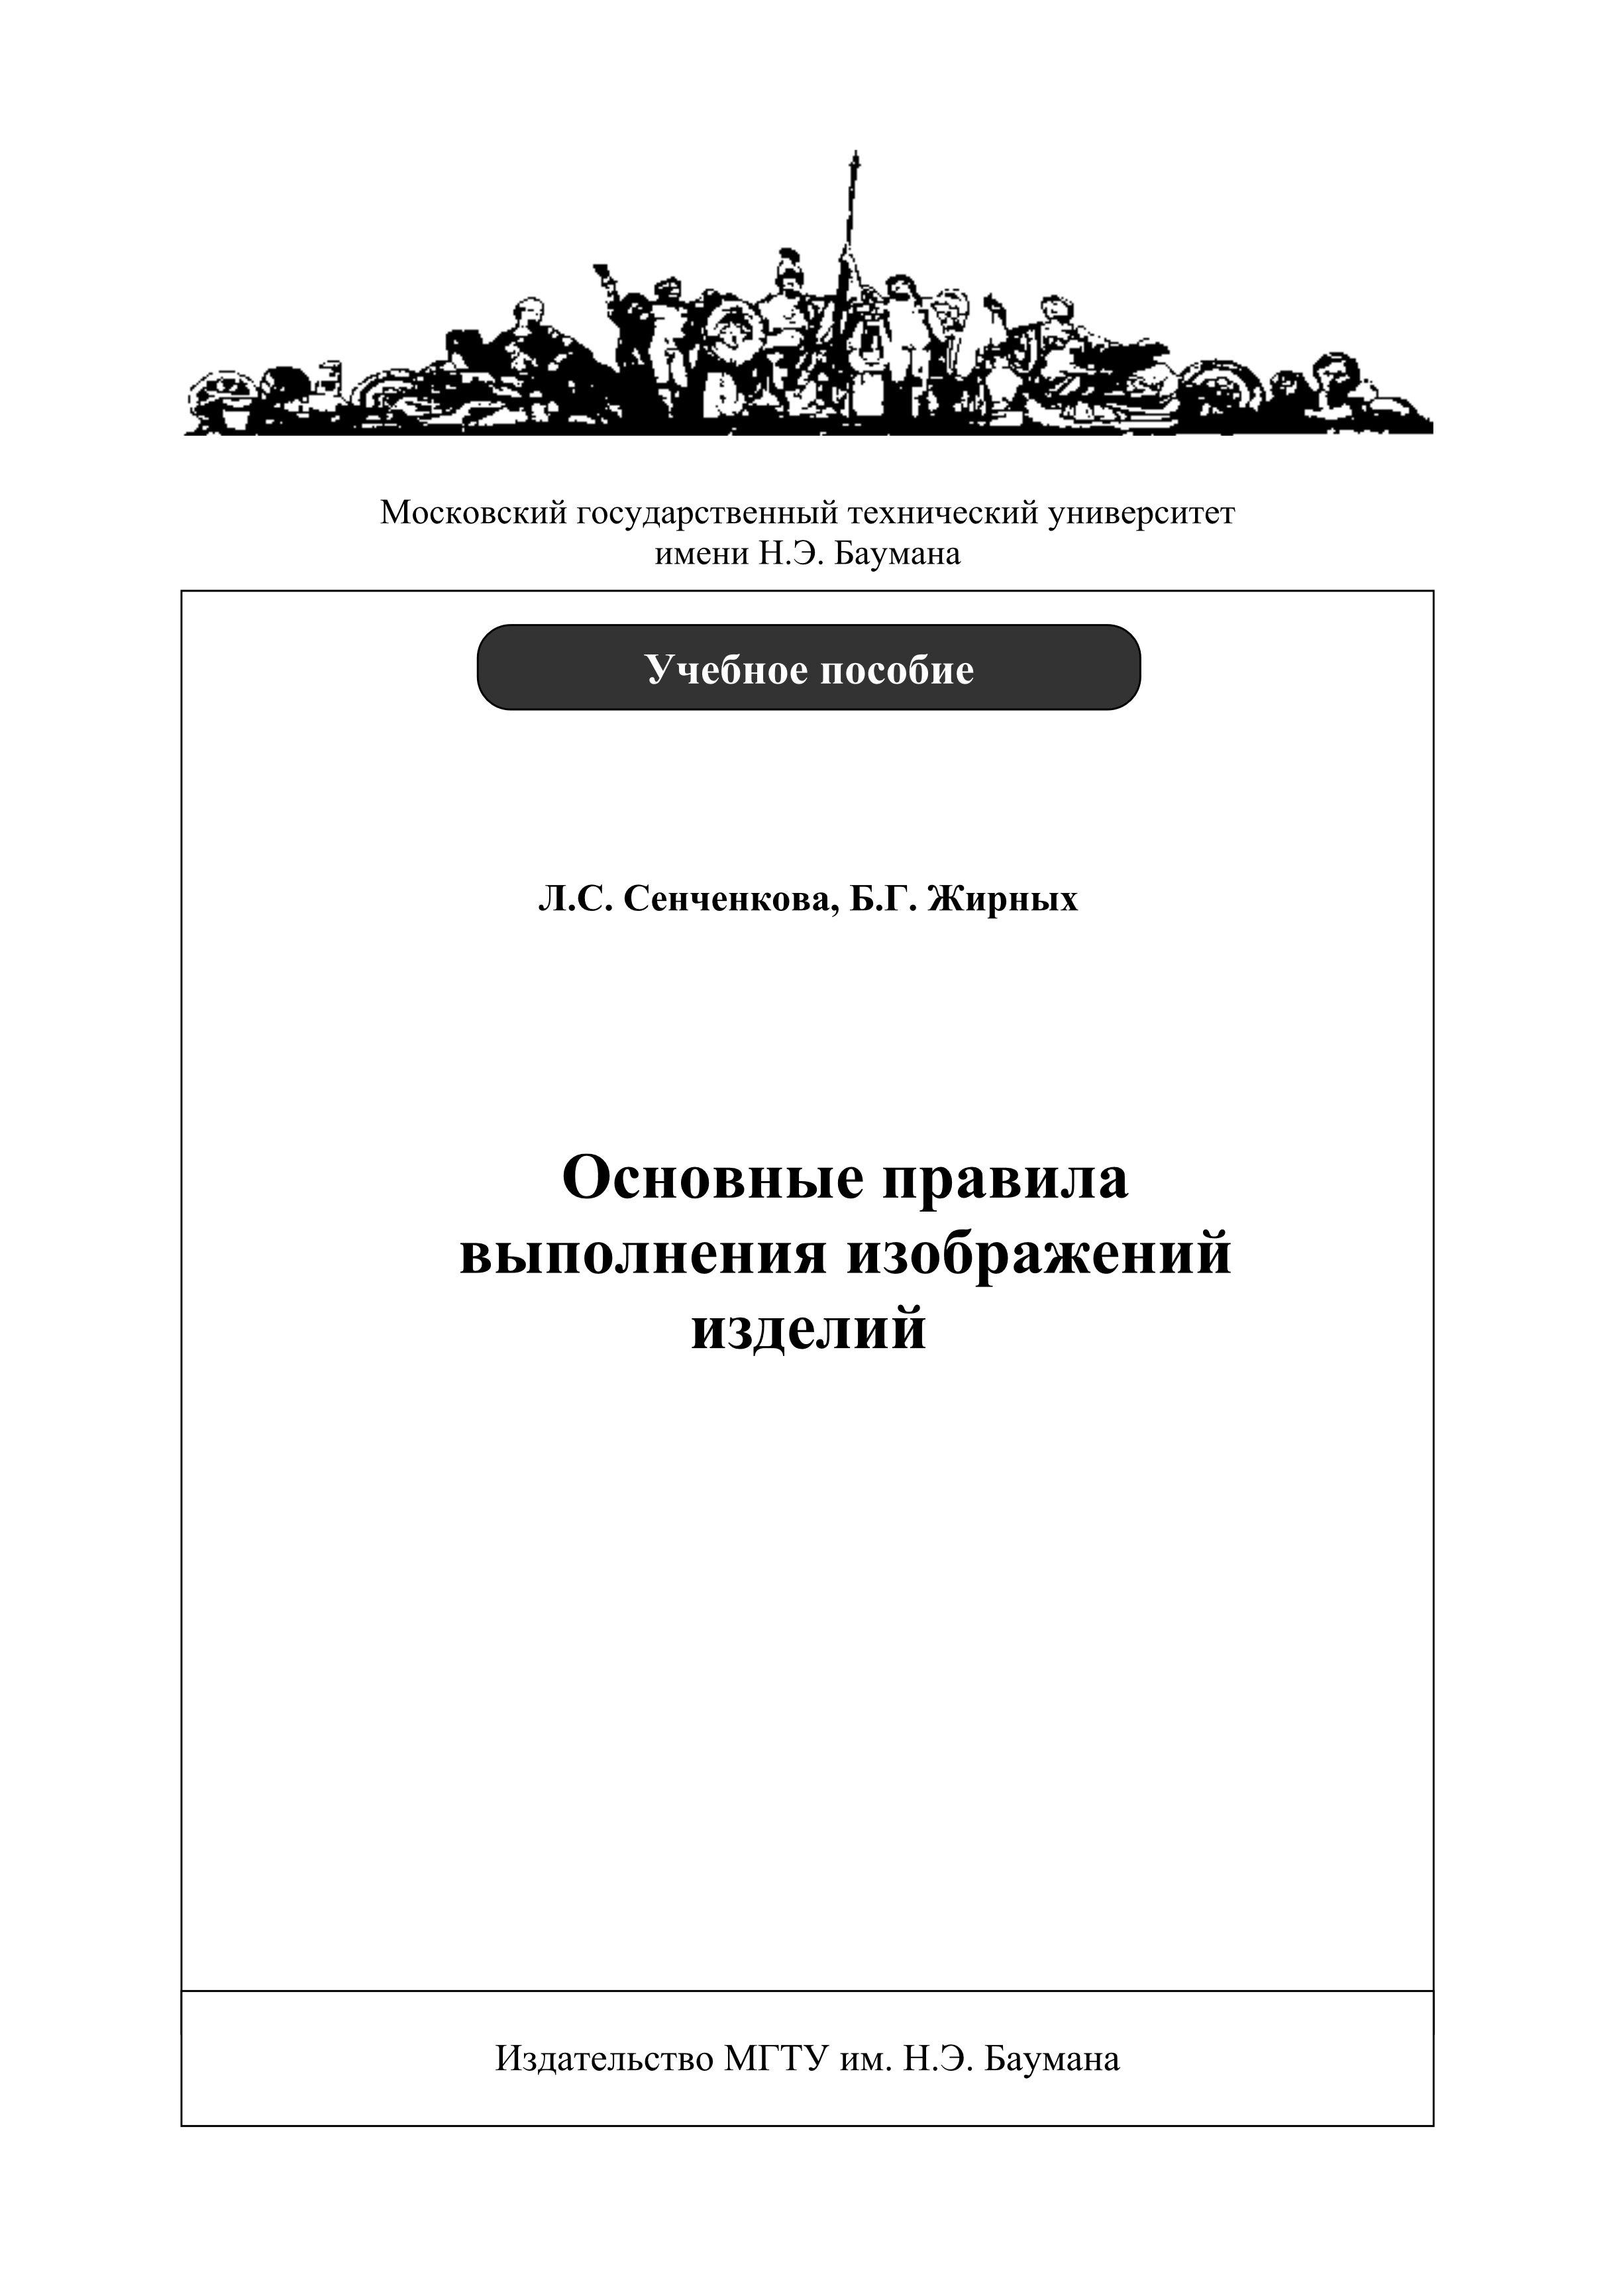 Л. С. Сенченкова Основные правила выполнения изображений изделий